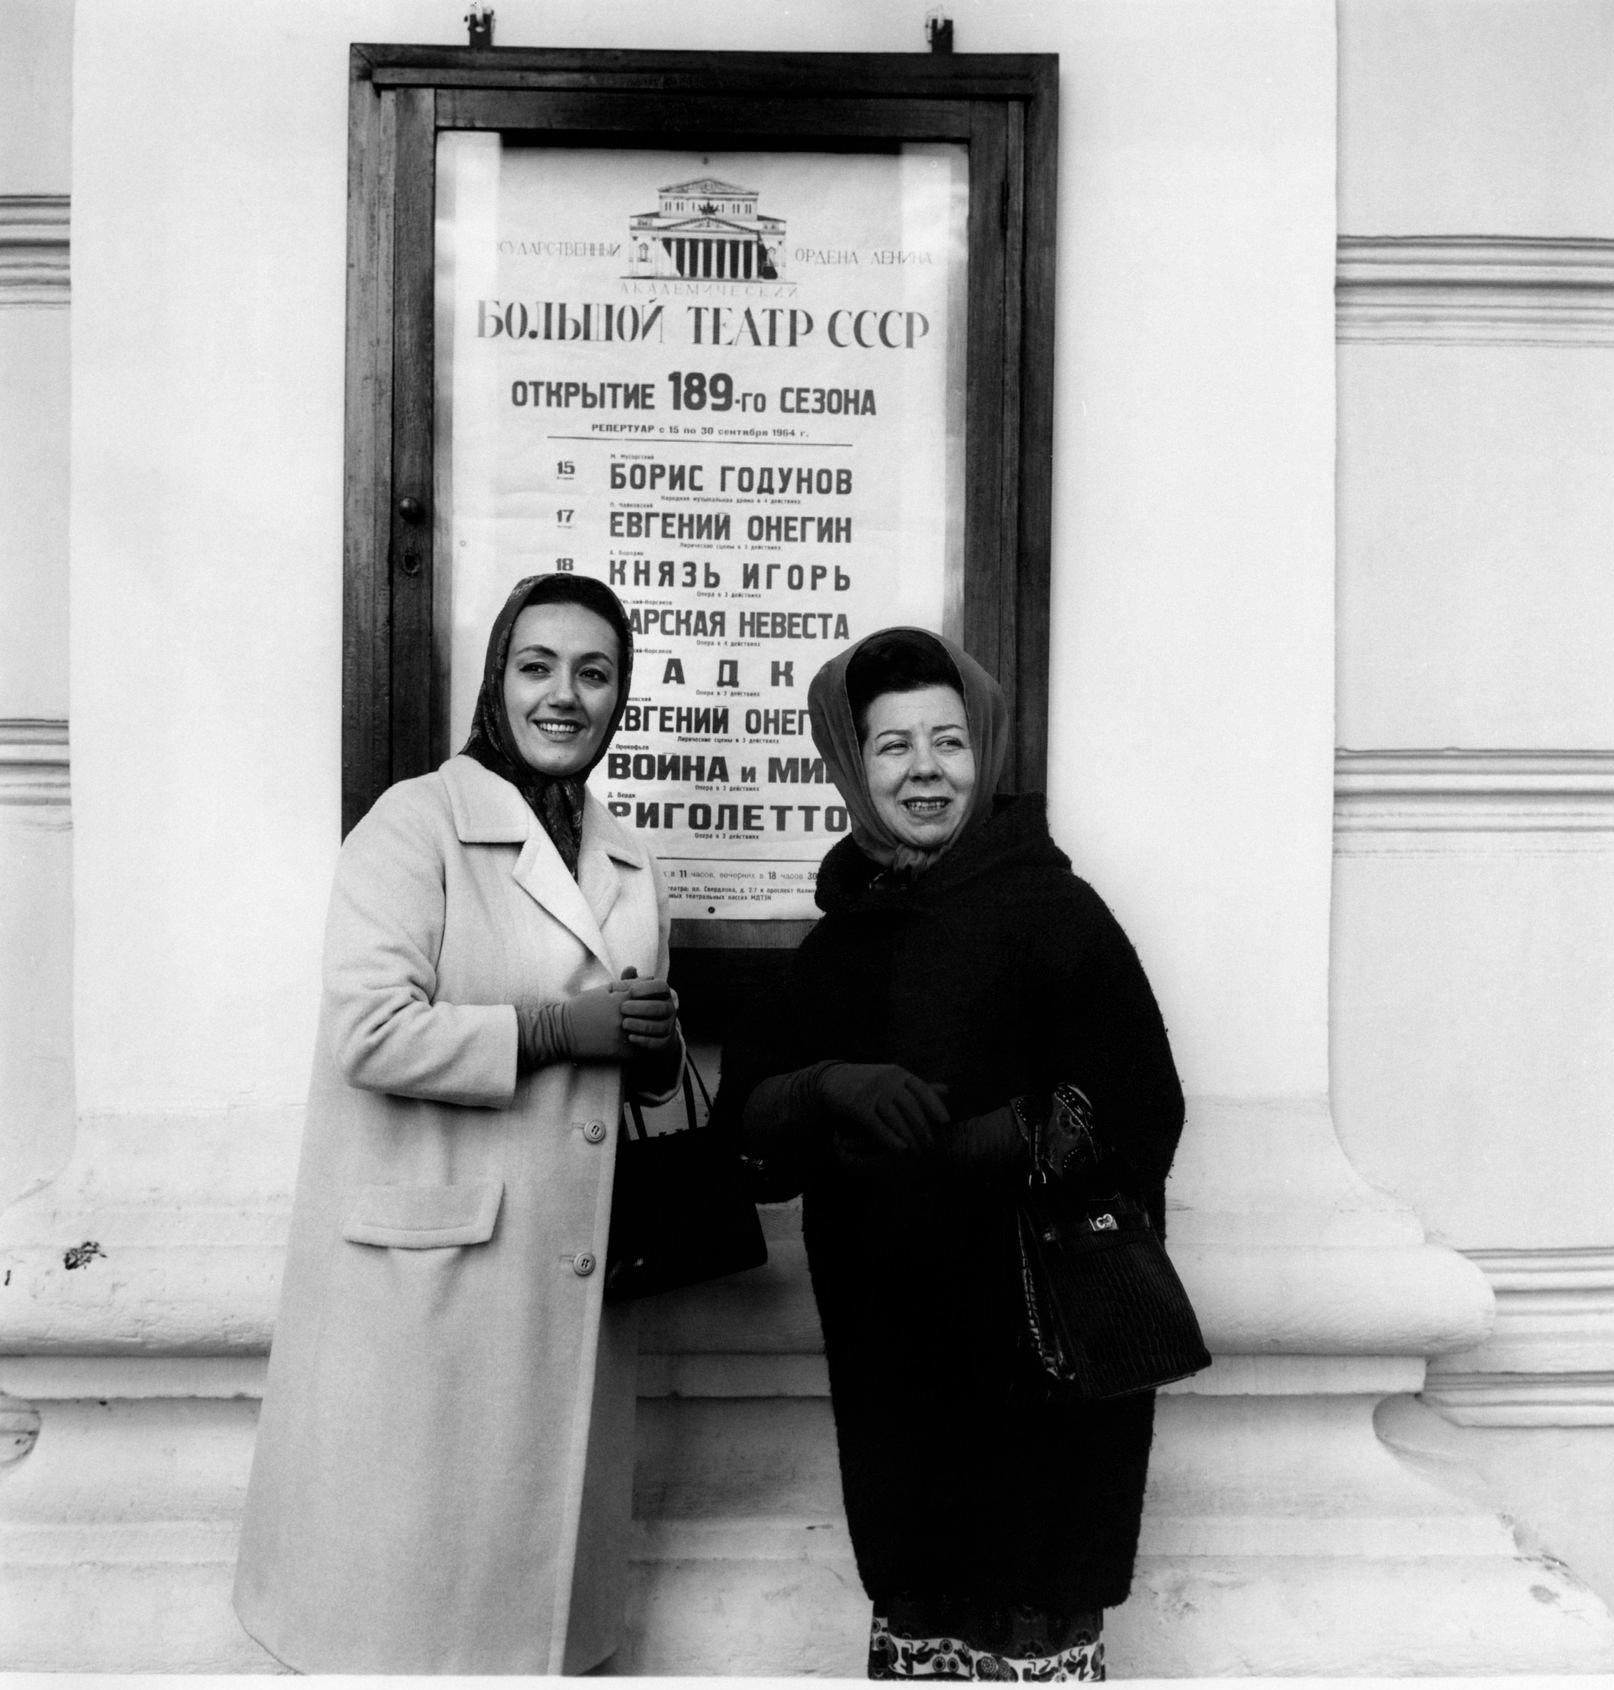 Итальянские сопрано Габриэлла Туччи и  меццо-сопрано Джульетта Симионато позируют перед плакатом «Риголетто», идущим в Большом театре.png